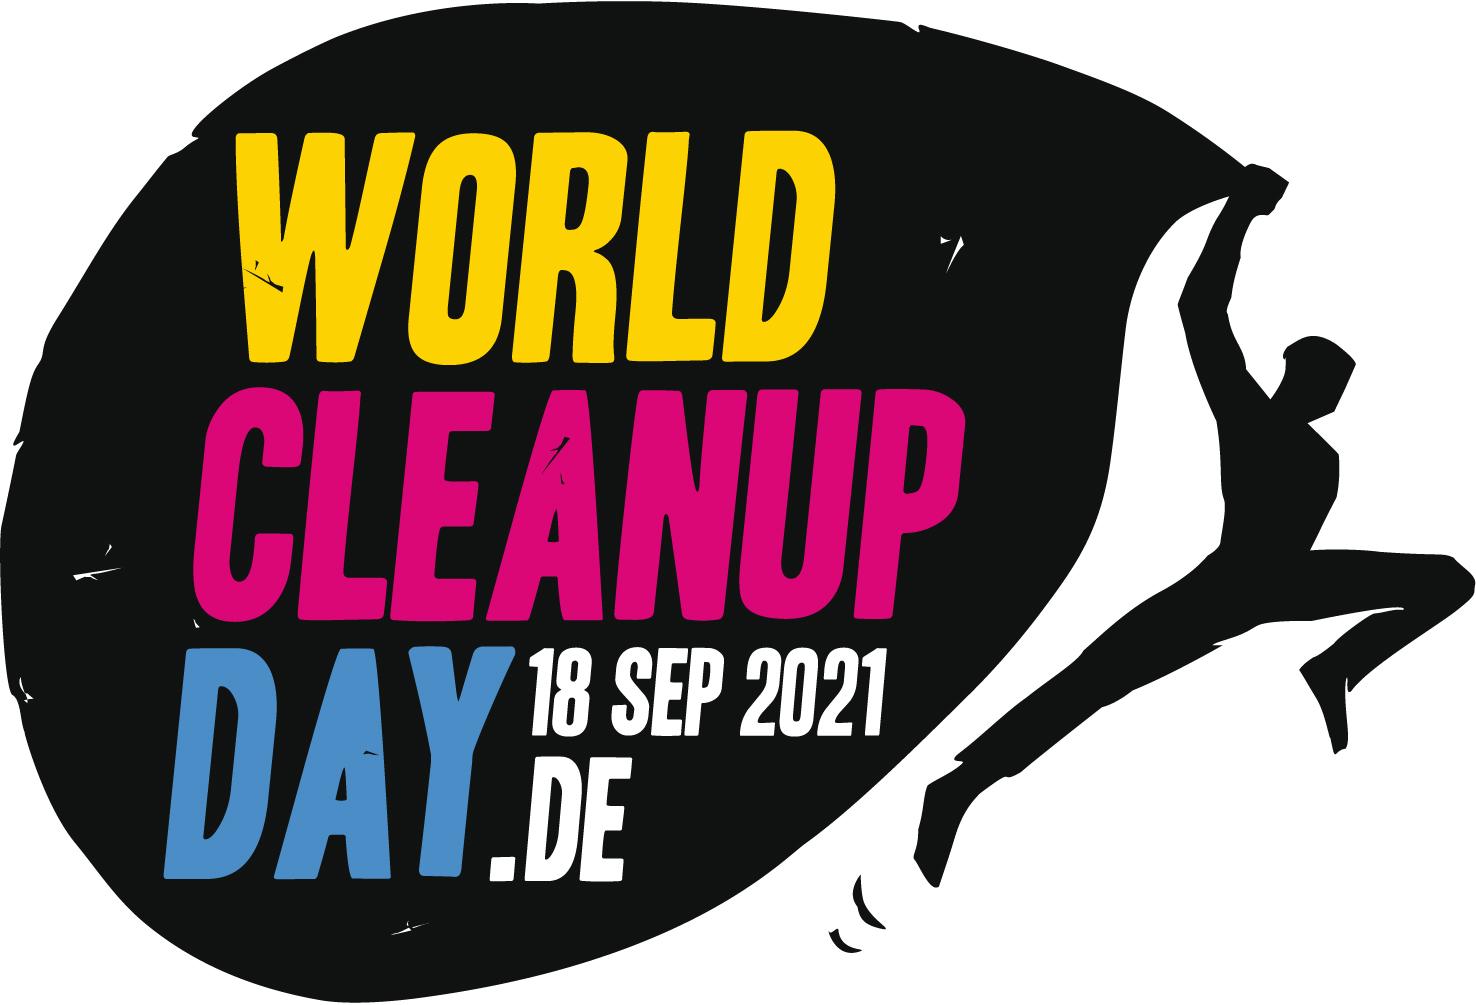 Clean up AKTION: Benther Berg und Gehrdener Berg (Niedersachsen)